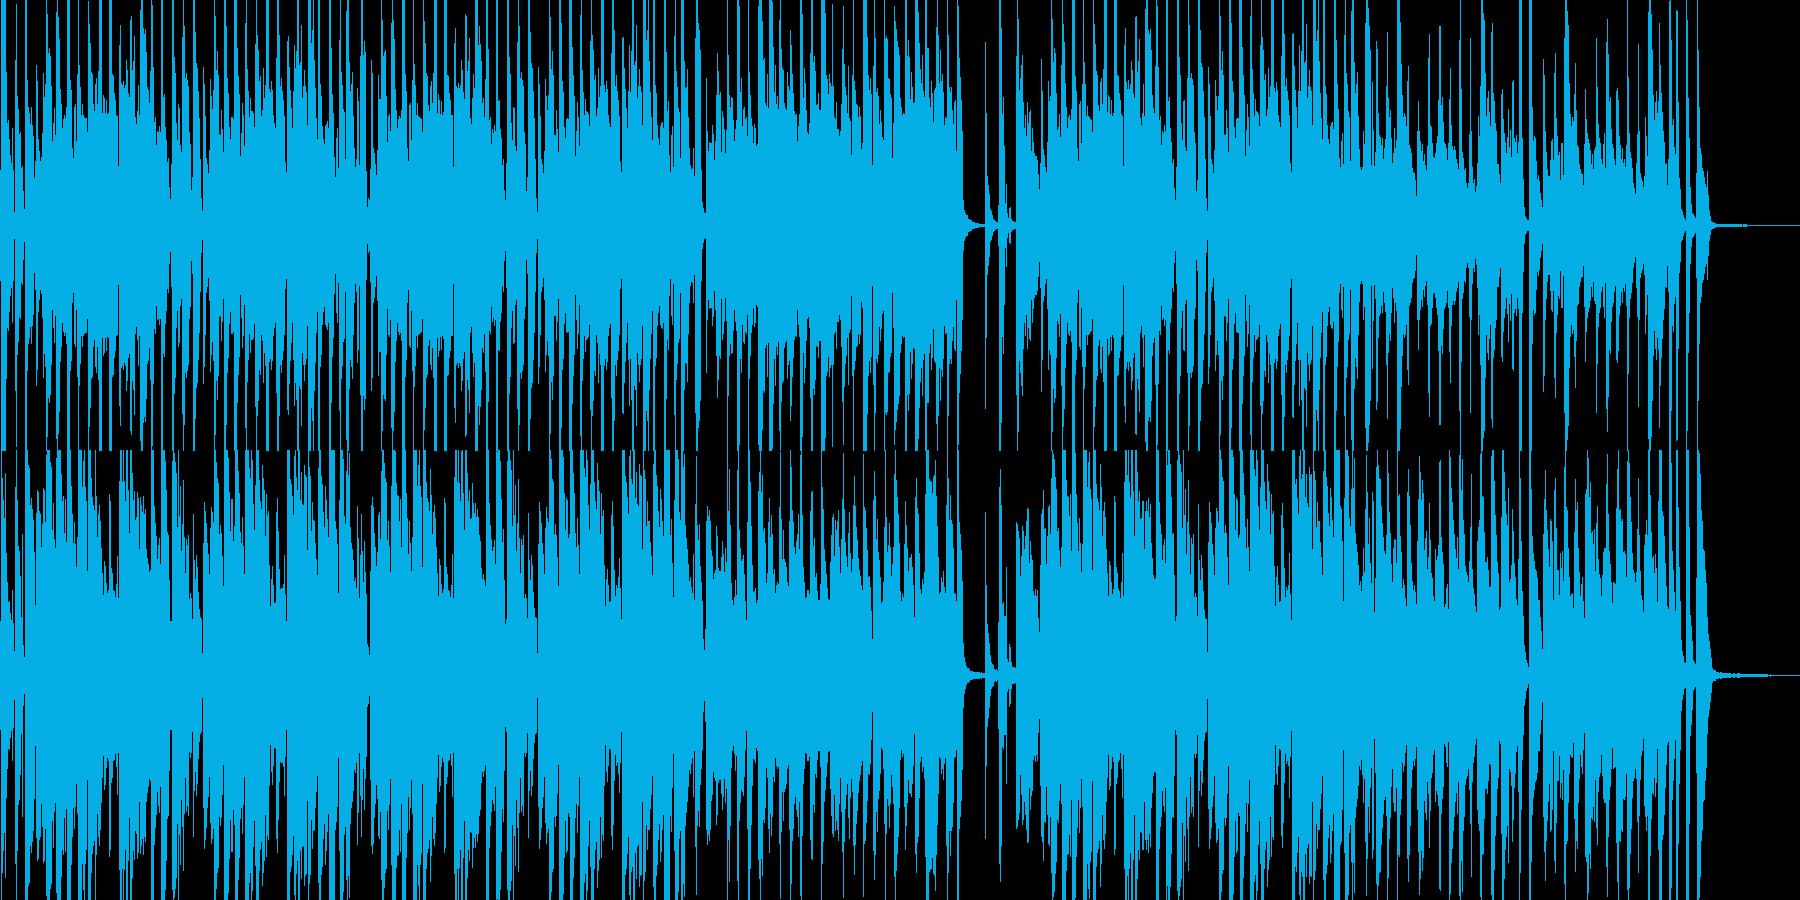 オシャレなジャズBGMミディアムver.の再生済みの波形